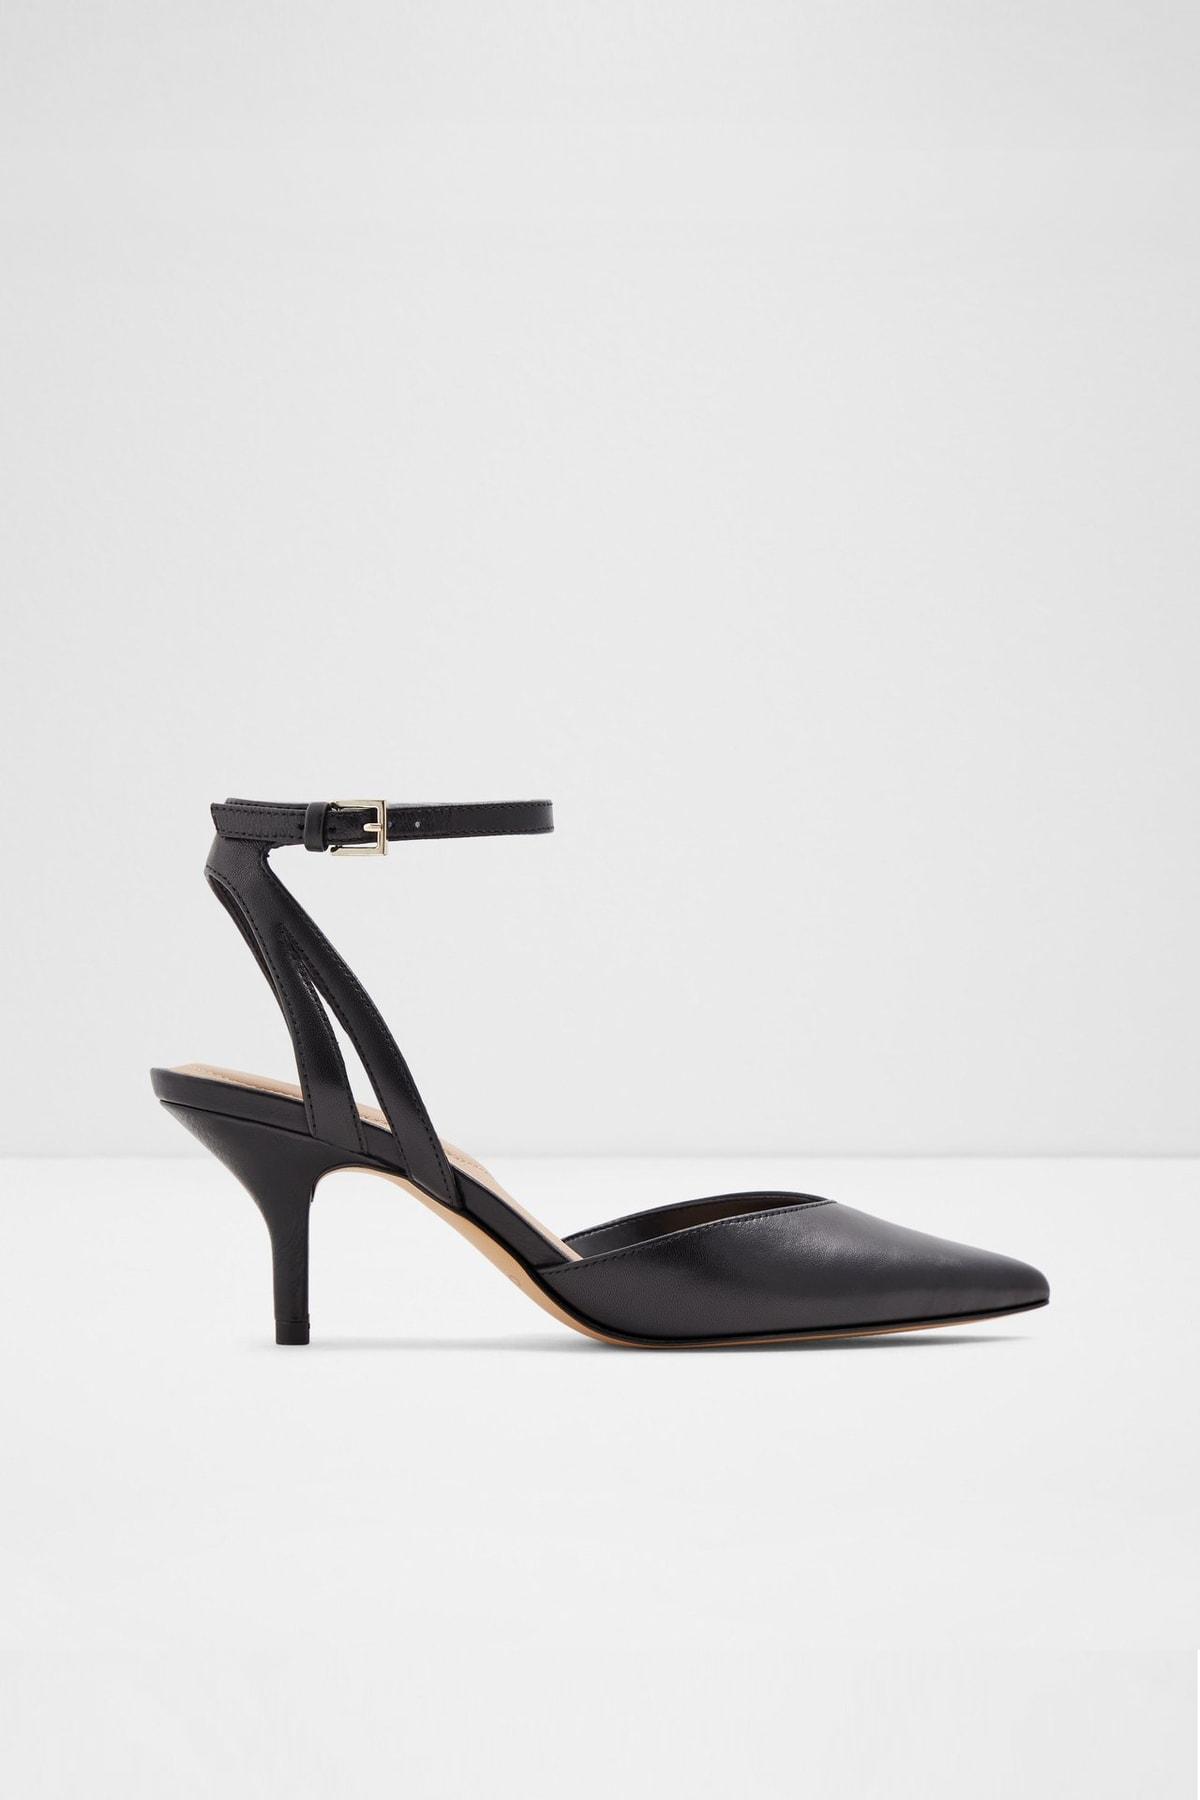 Aldo Krasnoya - Siyah Kadın Topuklu Ayakkabı 1